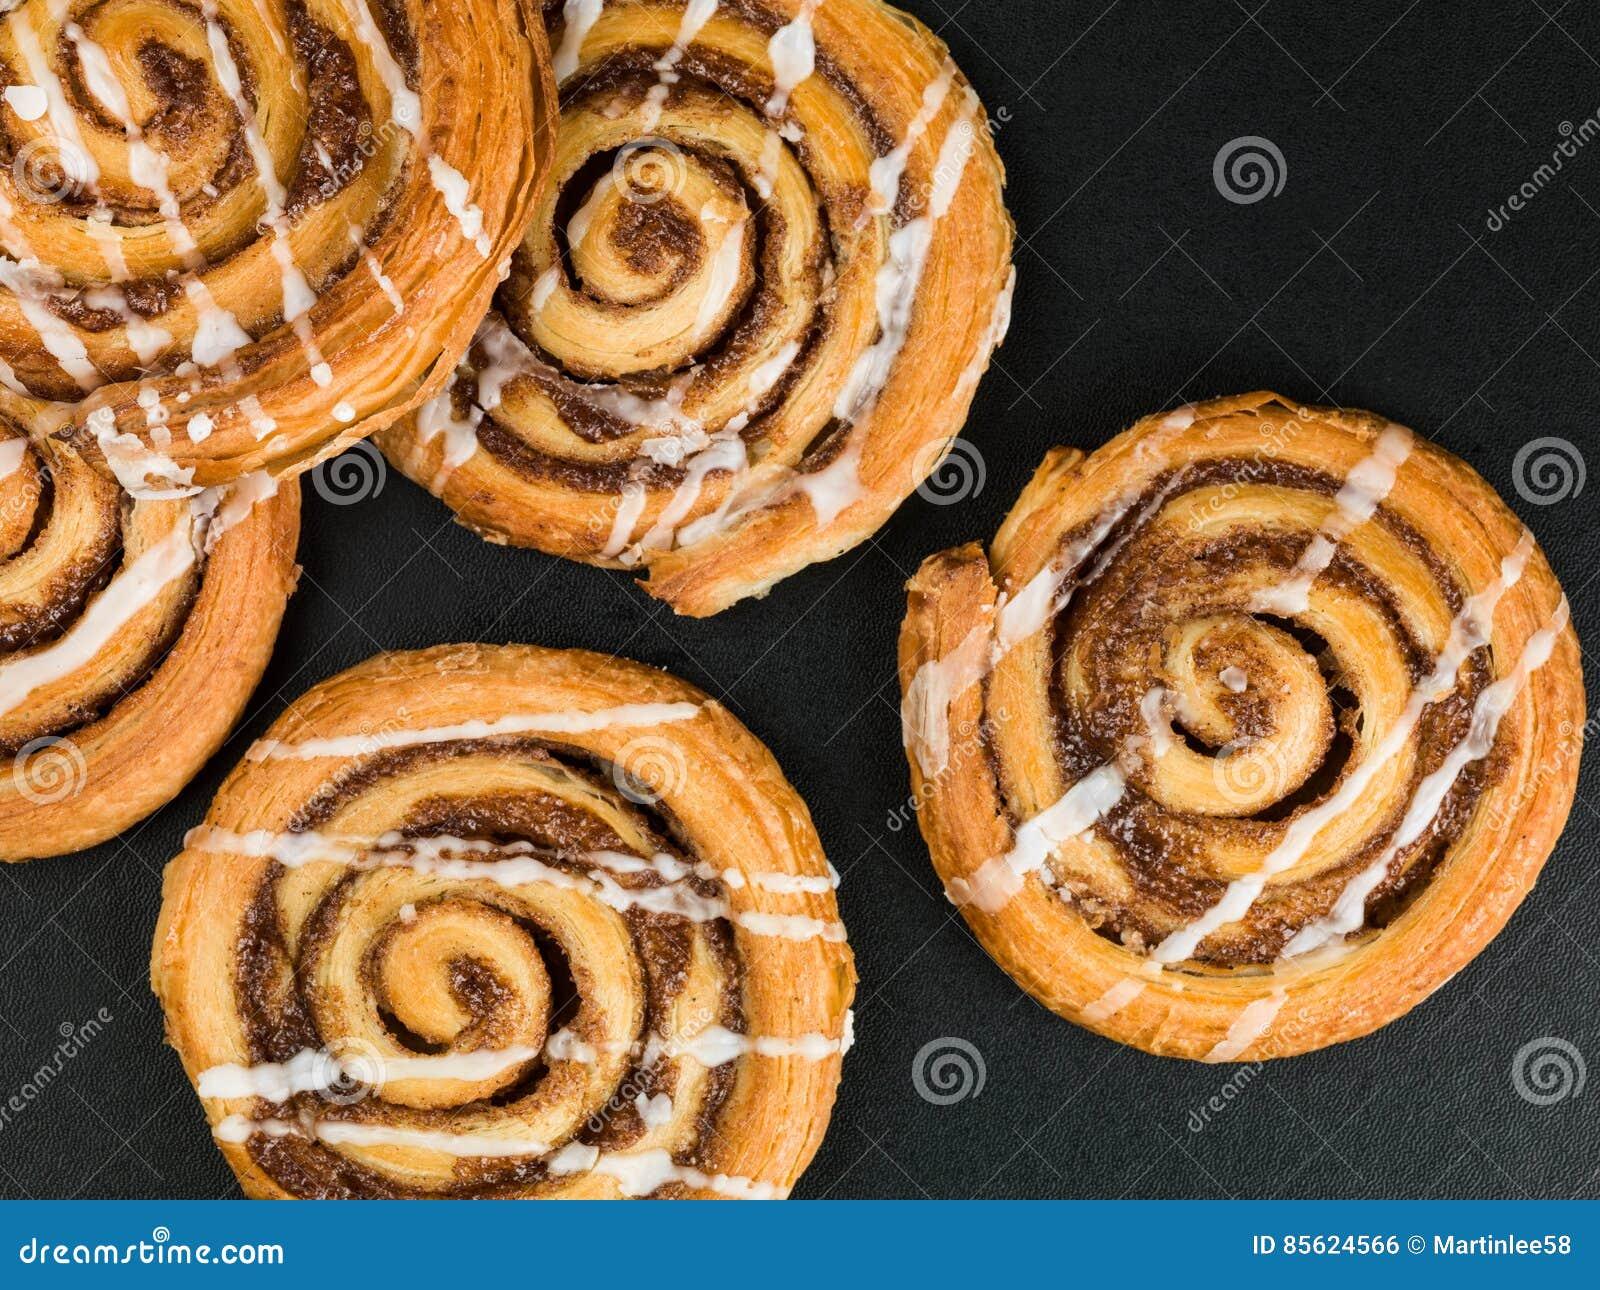 Cinnamon Swirls Danish Breakfast Pastries